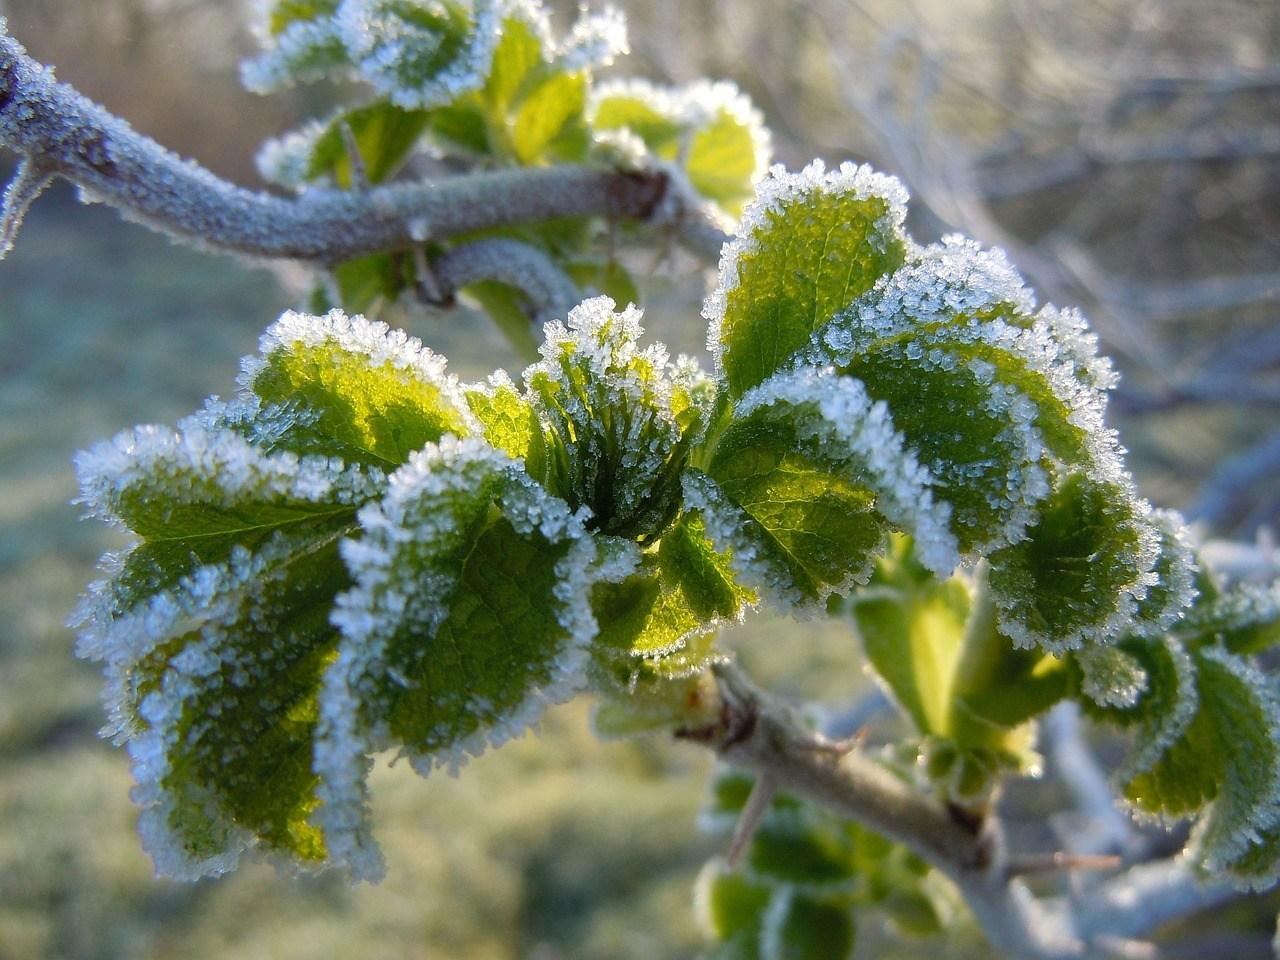 Župan proglasio elementarnu nepogodu uzrokovanu mrazom